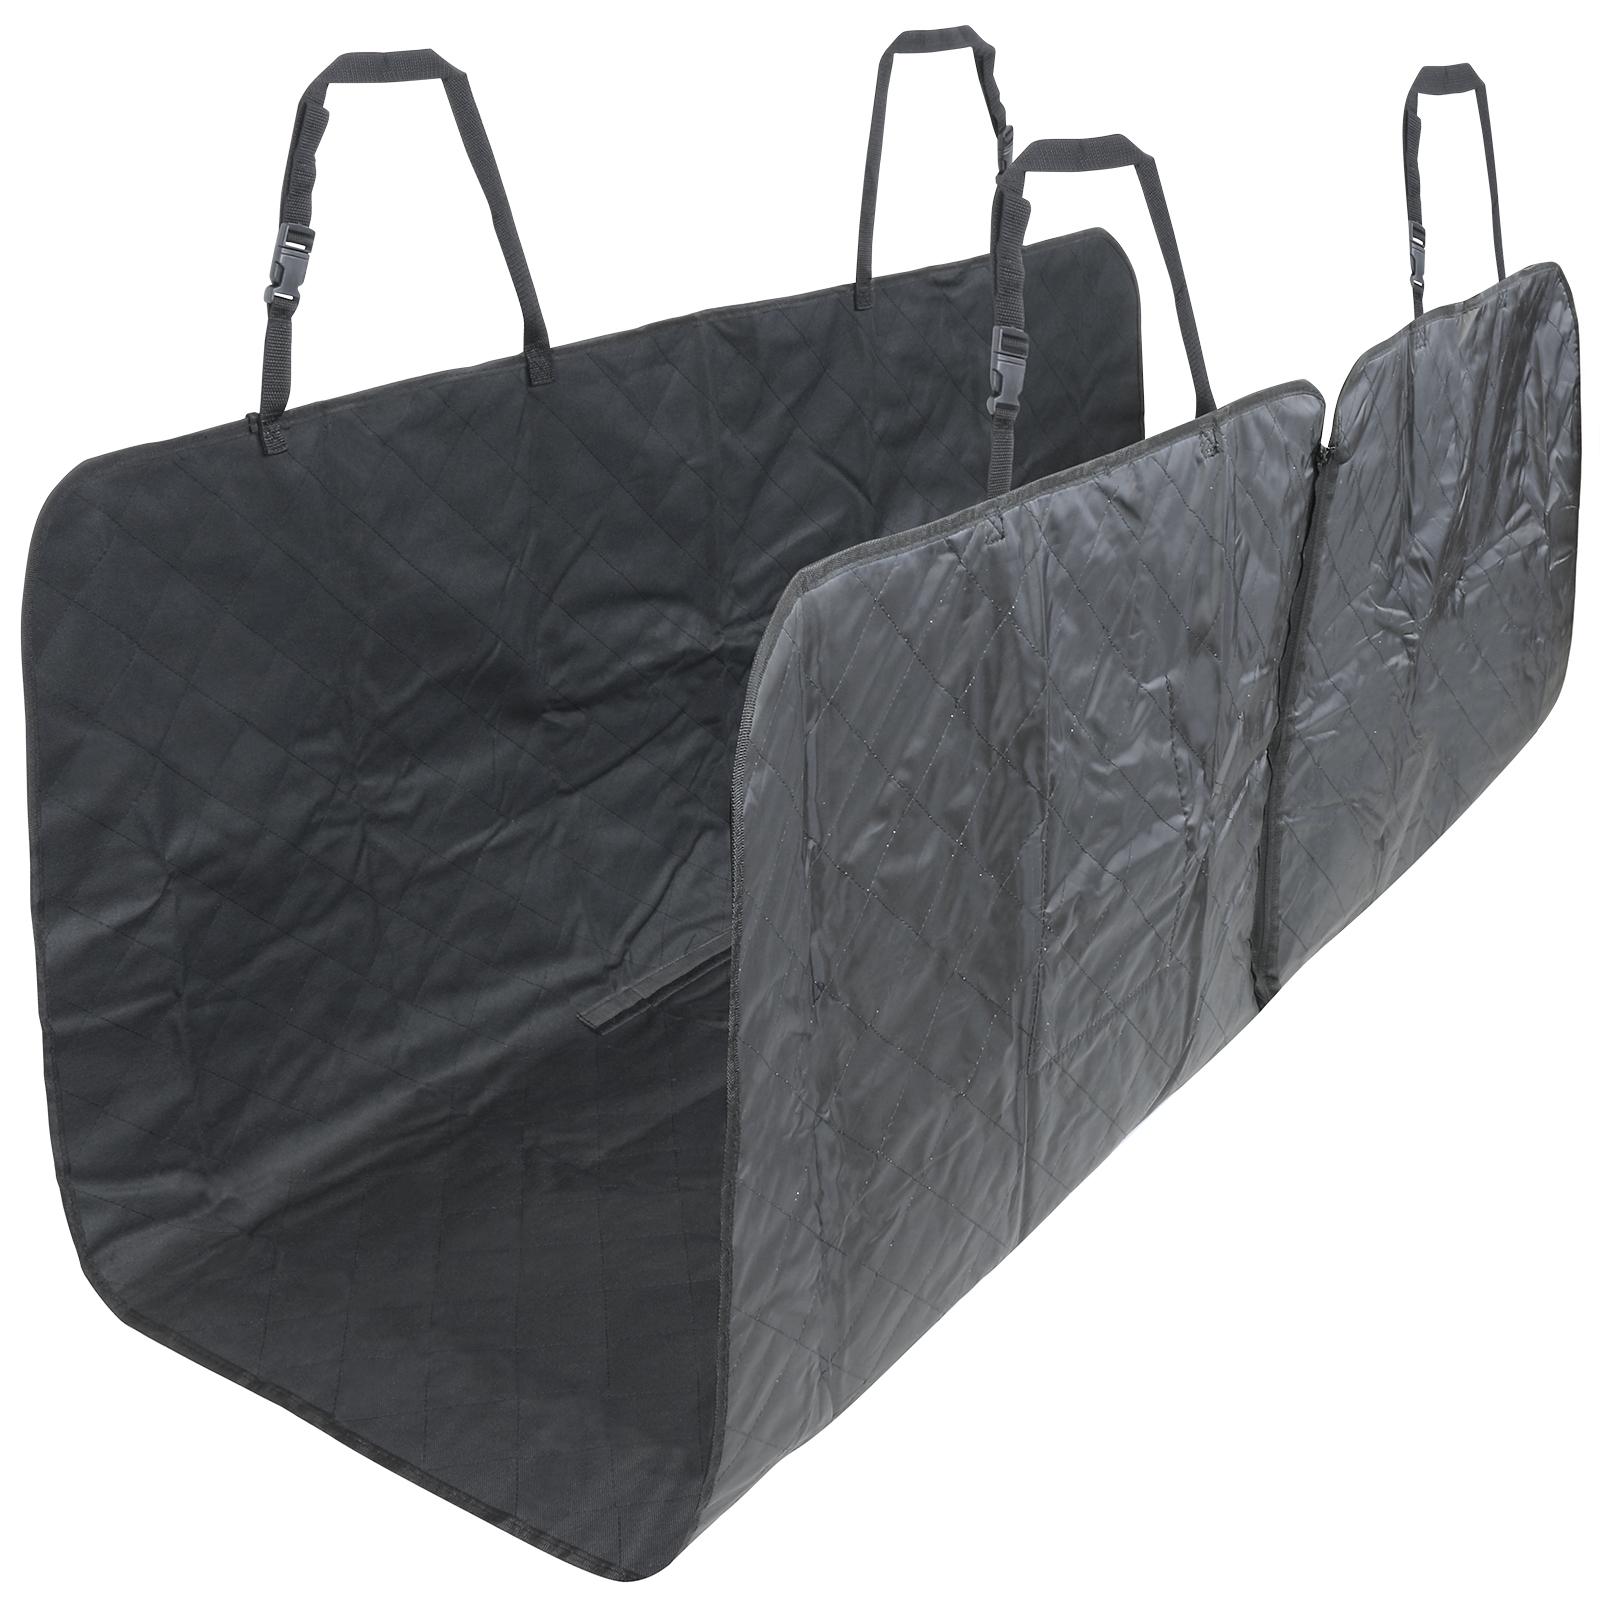 me my pets auto r cksitz schutzdecke schondecke haustiere hunde stepp schwarz ebay. Black Bedroom Furniture Sets. Home Design Ideas